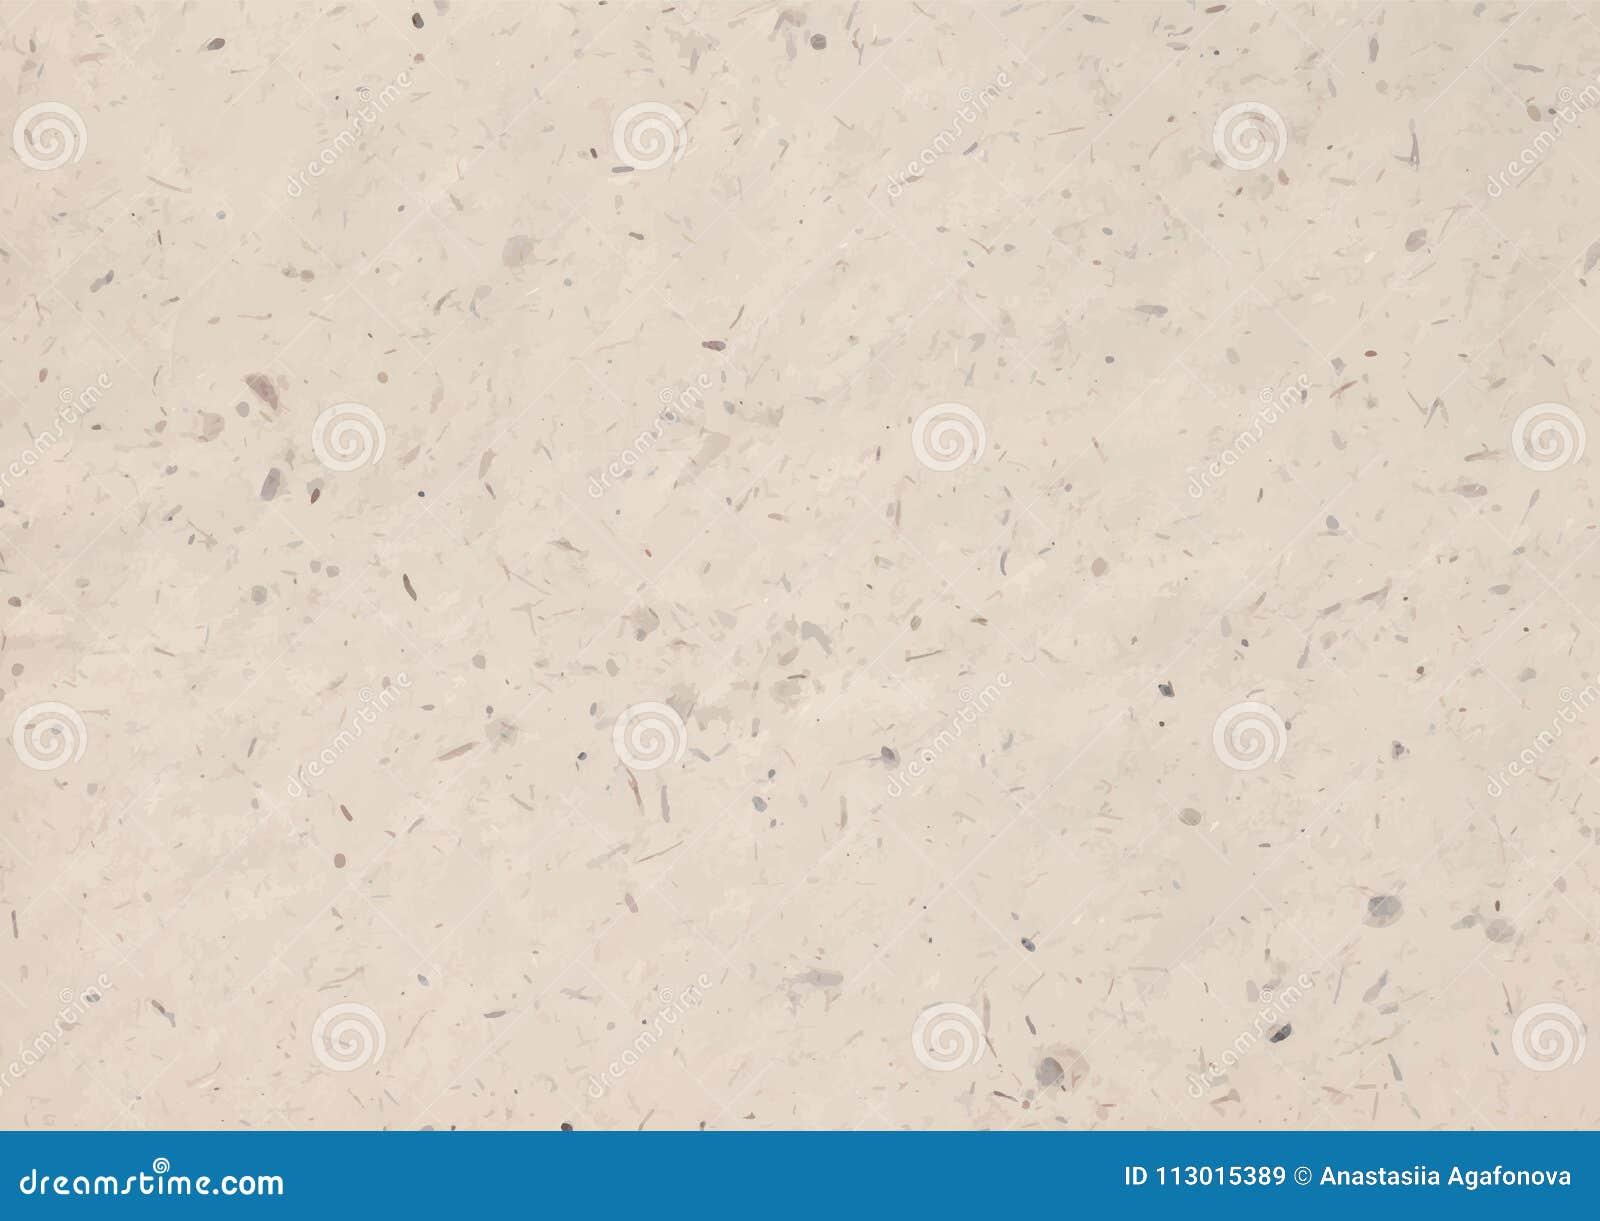 Vektorillustration av textur för kraft papper